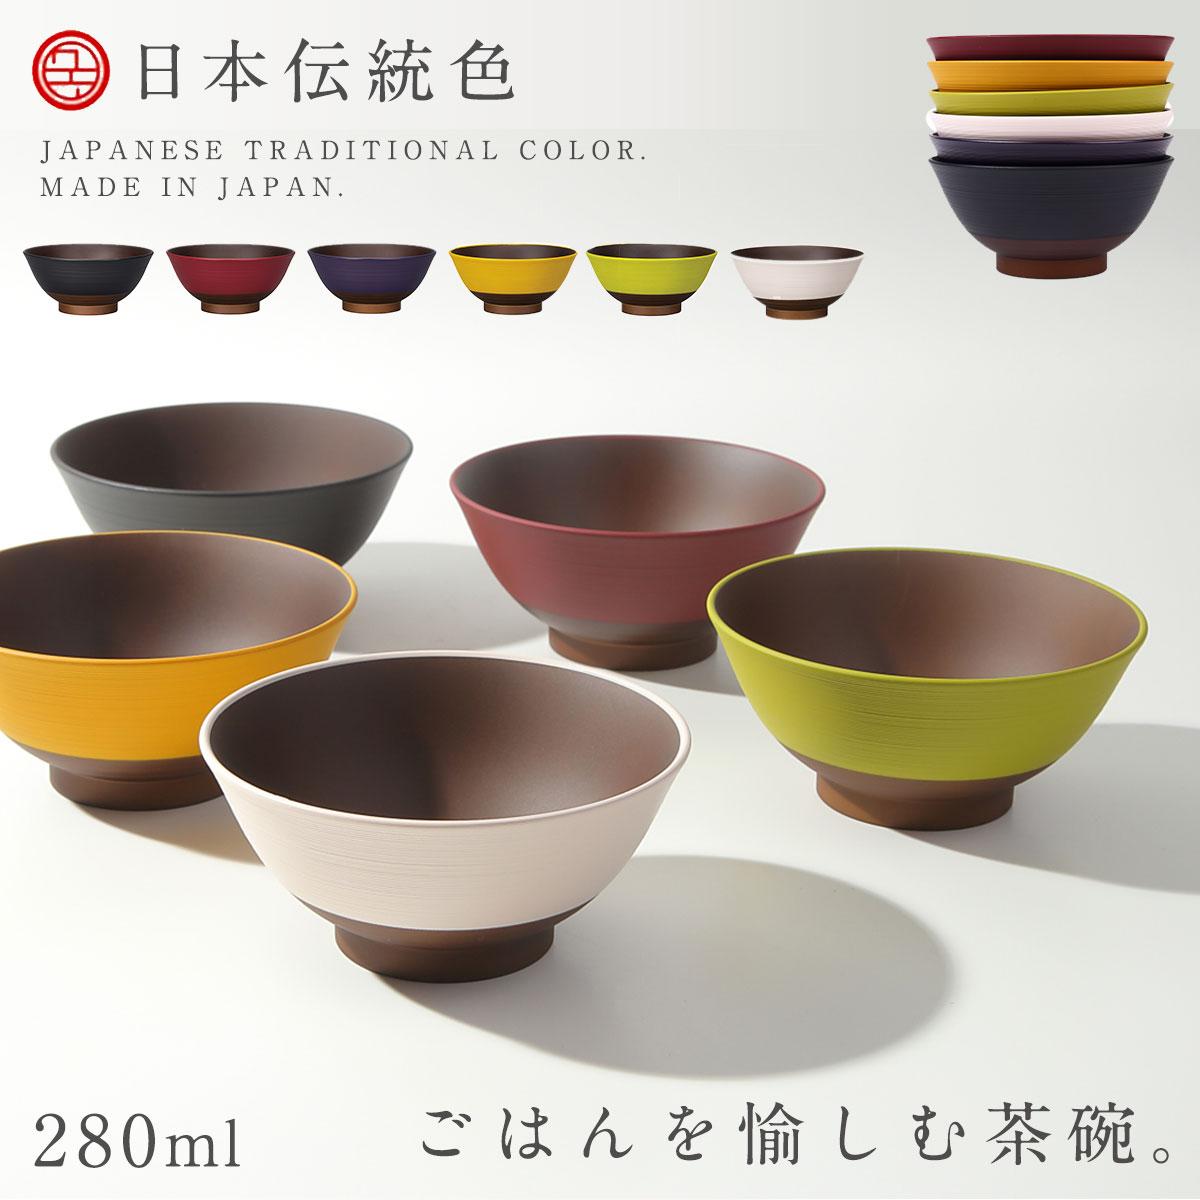 茶碗 お茶碗 お椀 食洗機対応 和モダン 和食器 木目 食洗機対応 レンジ対応 割れない 割れにくい 日本製 日本伝統色 塗分飯碗 来客用 ゲスト ホームパーティー プラスチック製 プラスチック